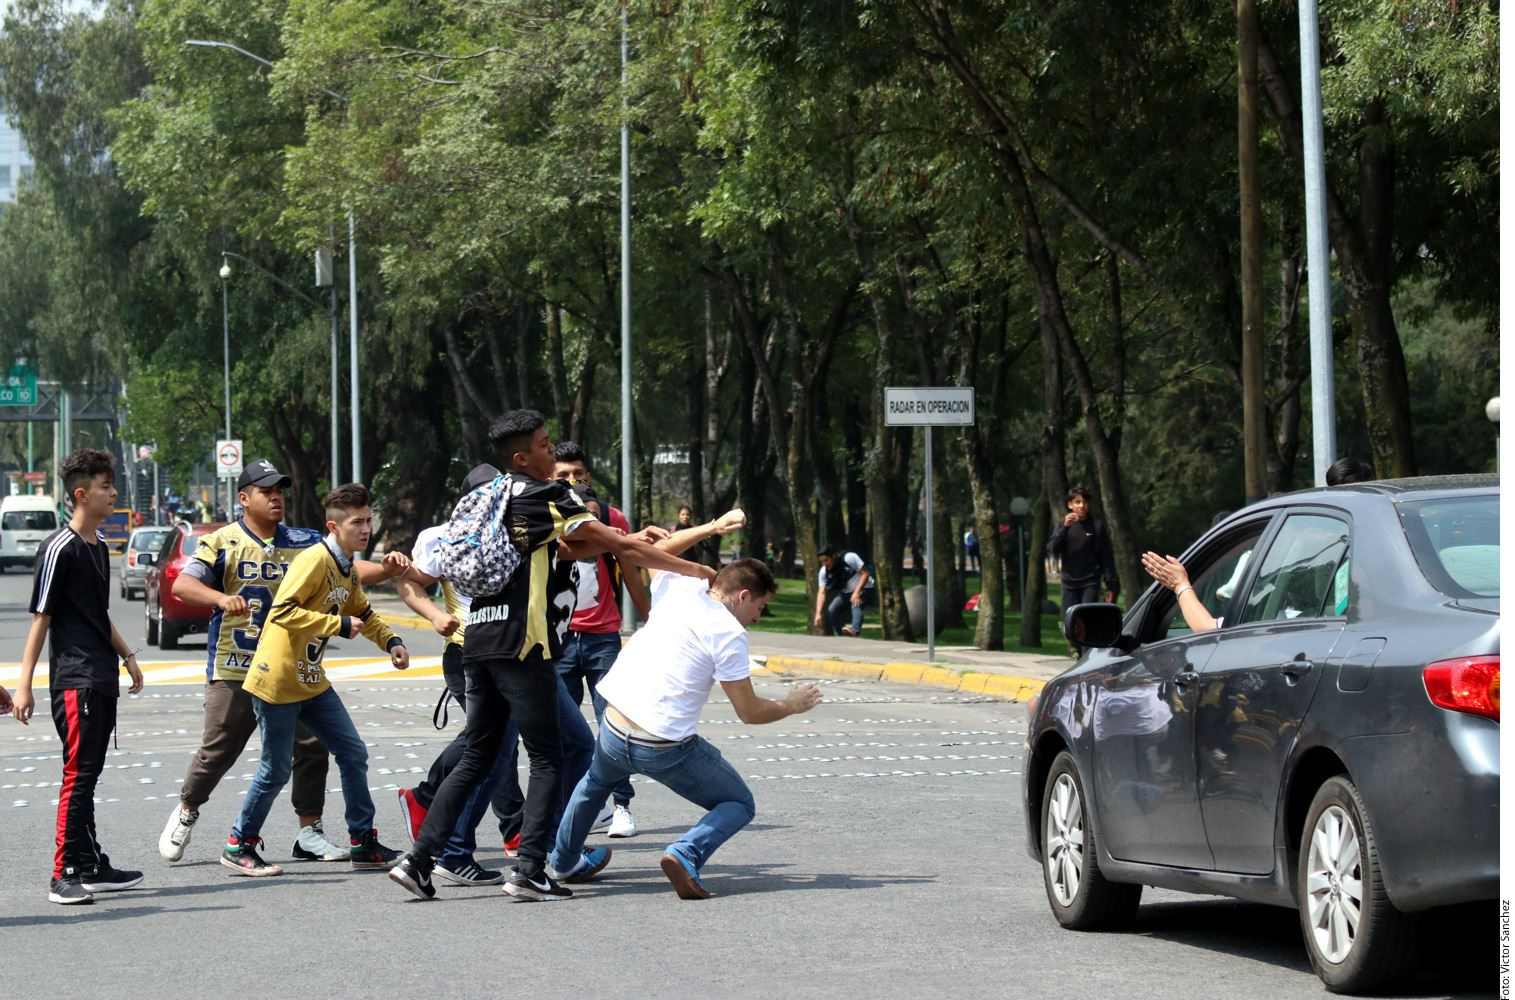 De acuerdo con reportes, los agresores de estudiantes de la UNAM que marchaban en Ciudad Universitaria, se trataría de porros de la institución quienes repudian el llamado de seguridad de los estudiantes.